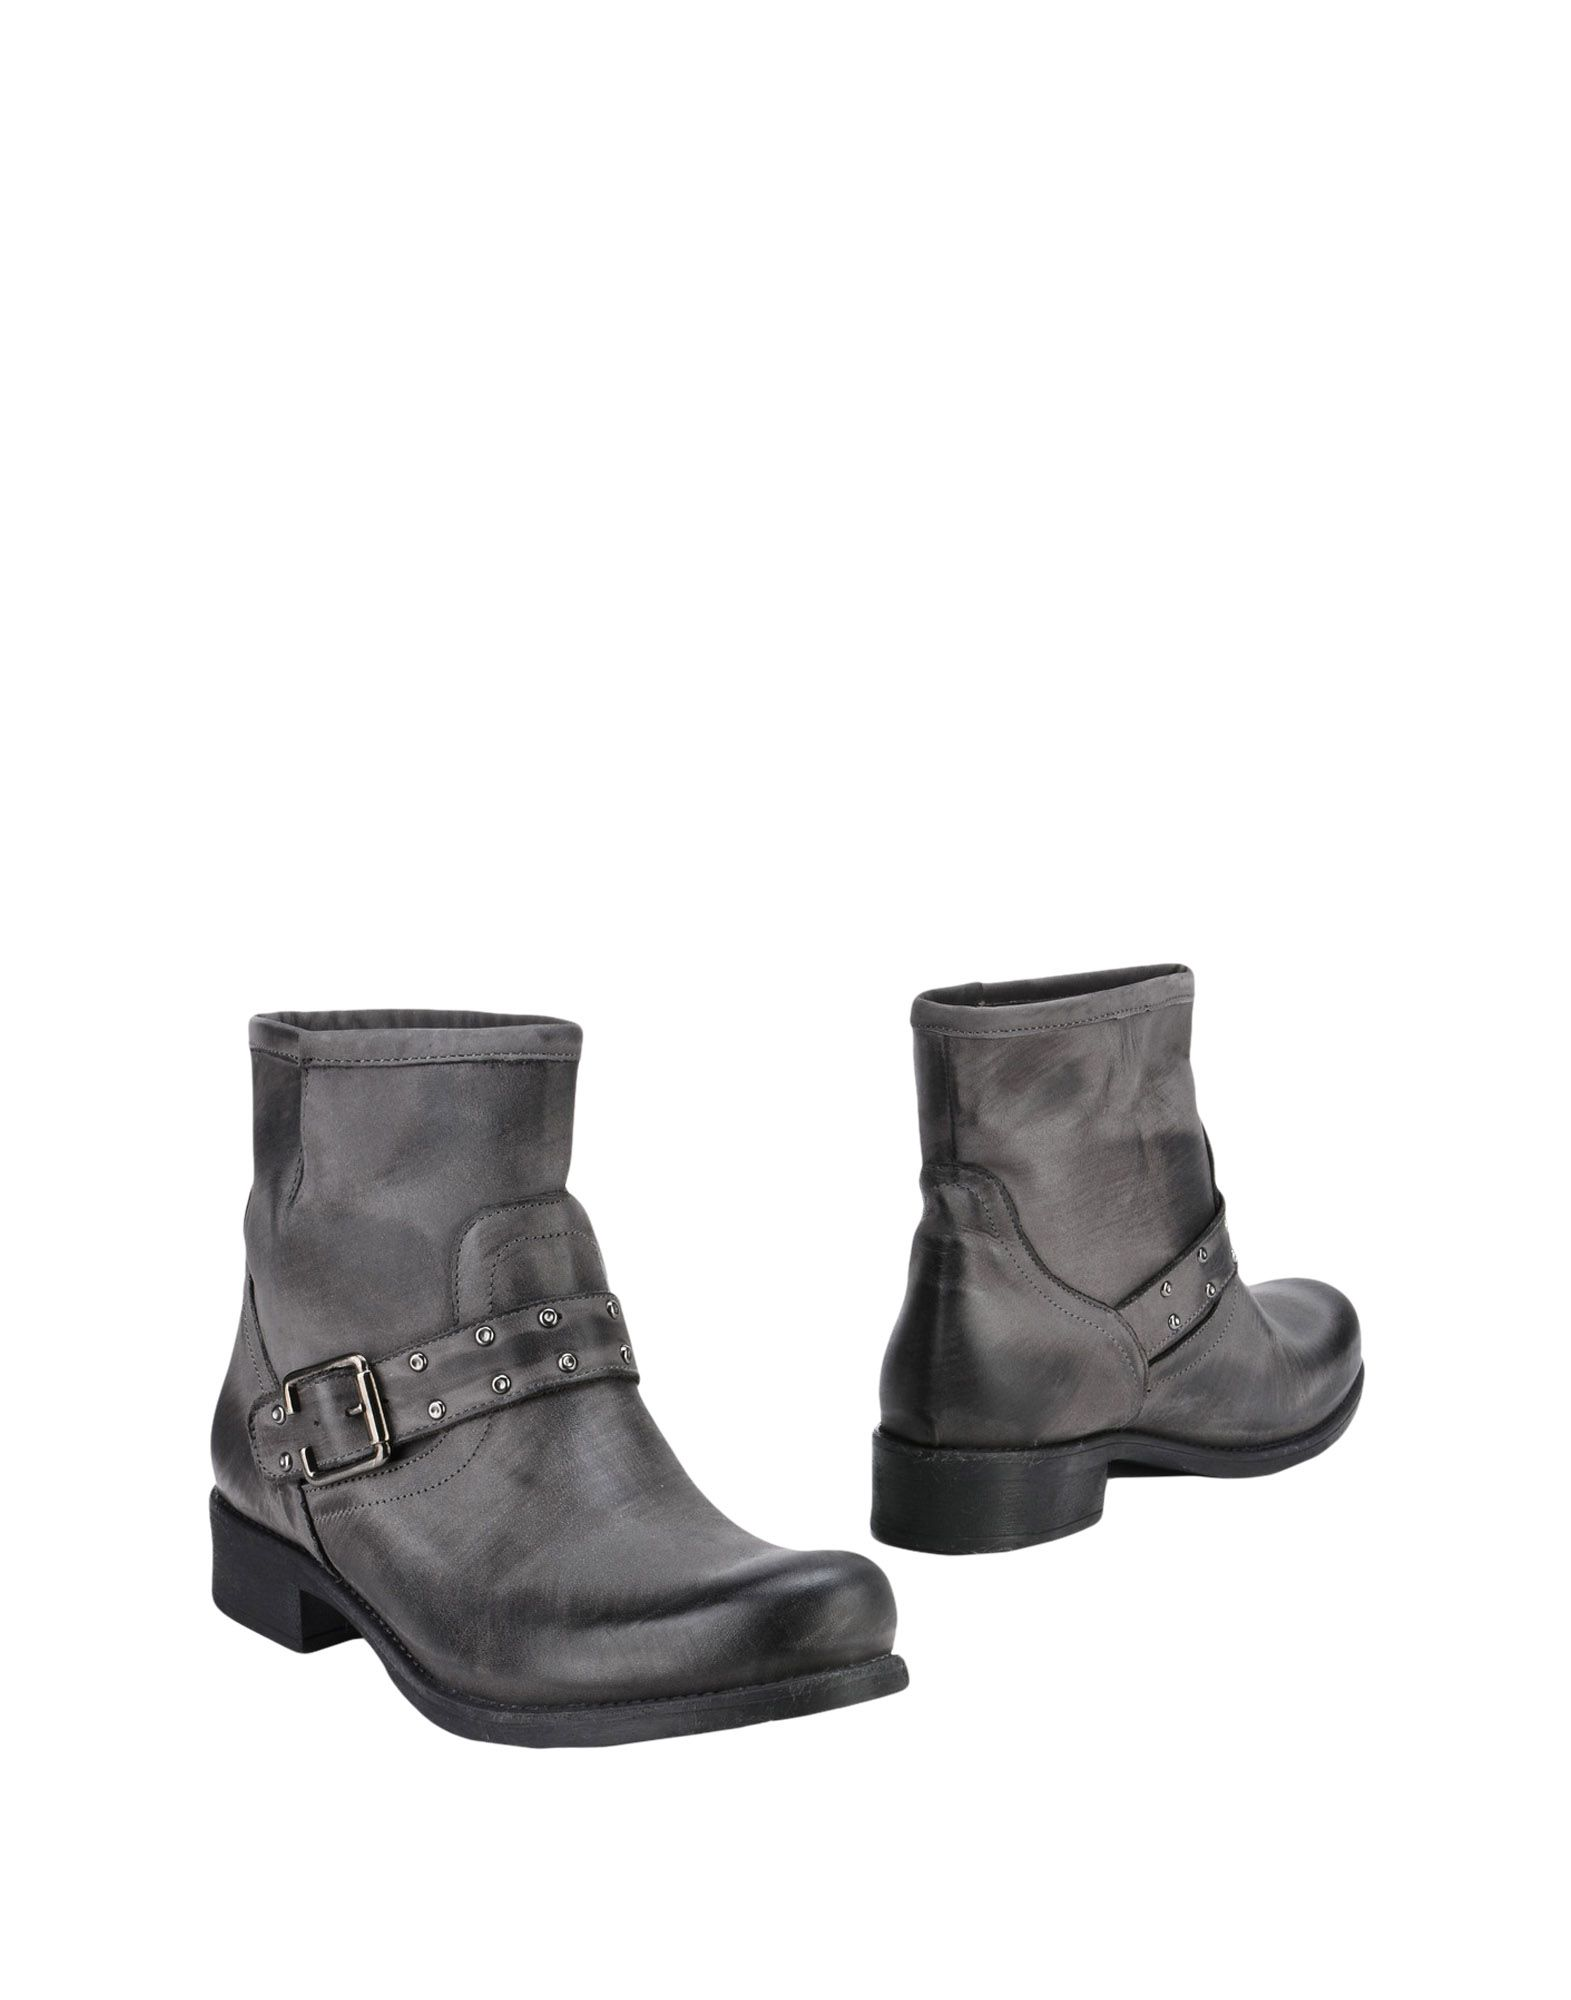 George J. Love Stiefelette Damen  11405246SN Gute Qualität beliebte Schuhe